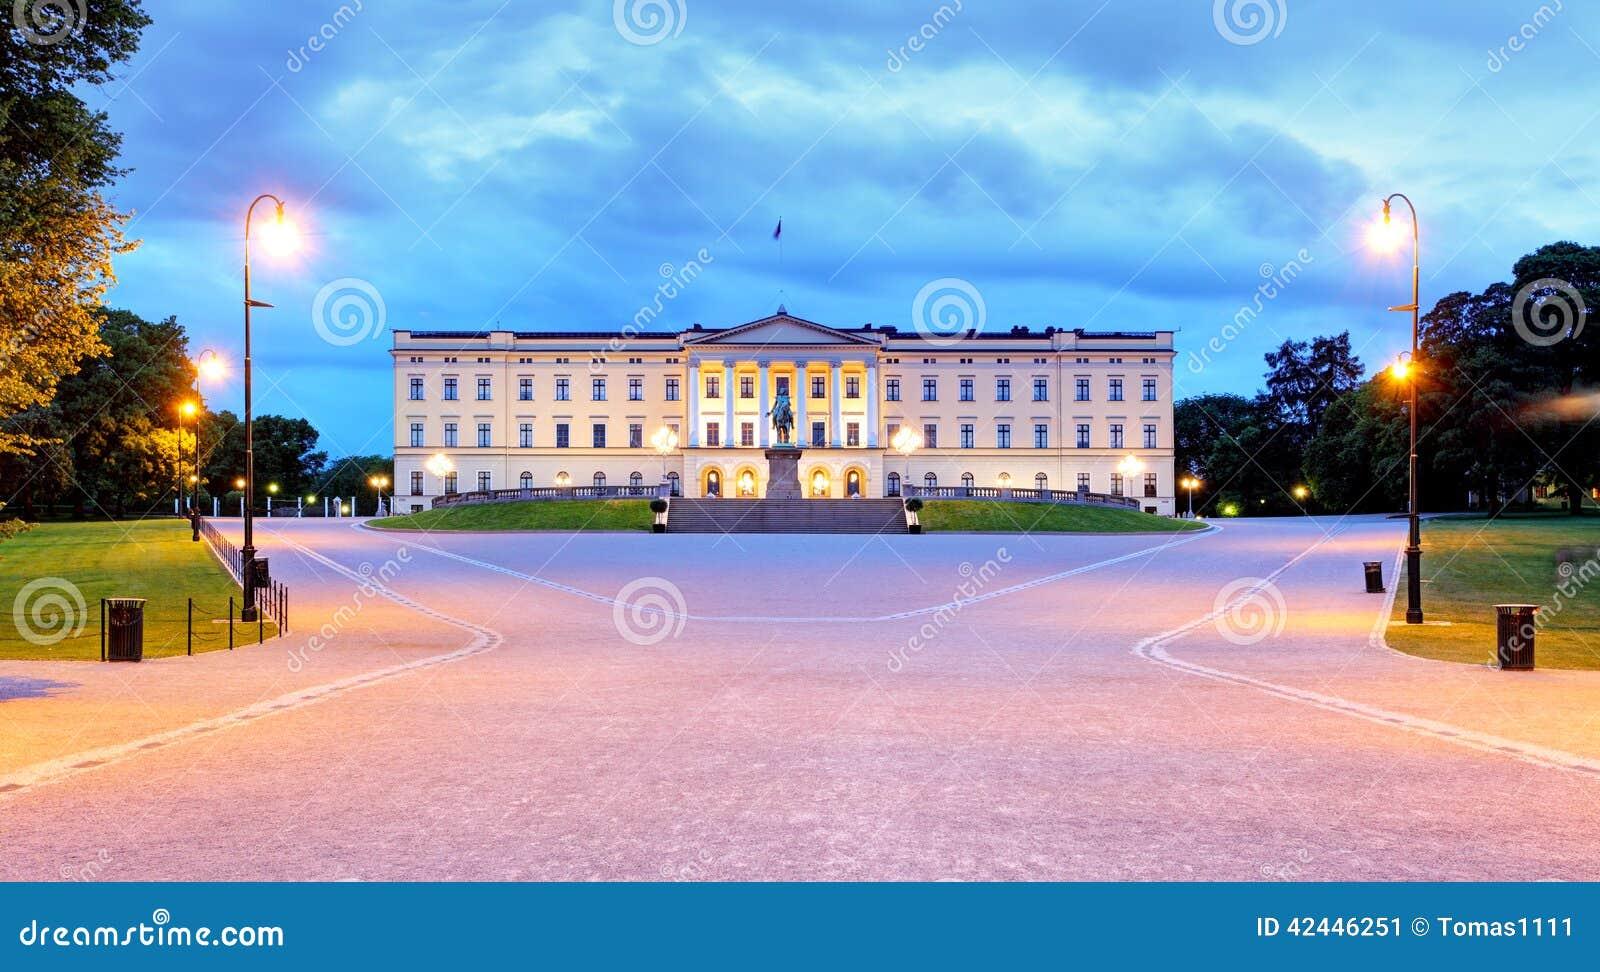 Oslo - palacio real, Noruega